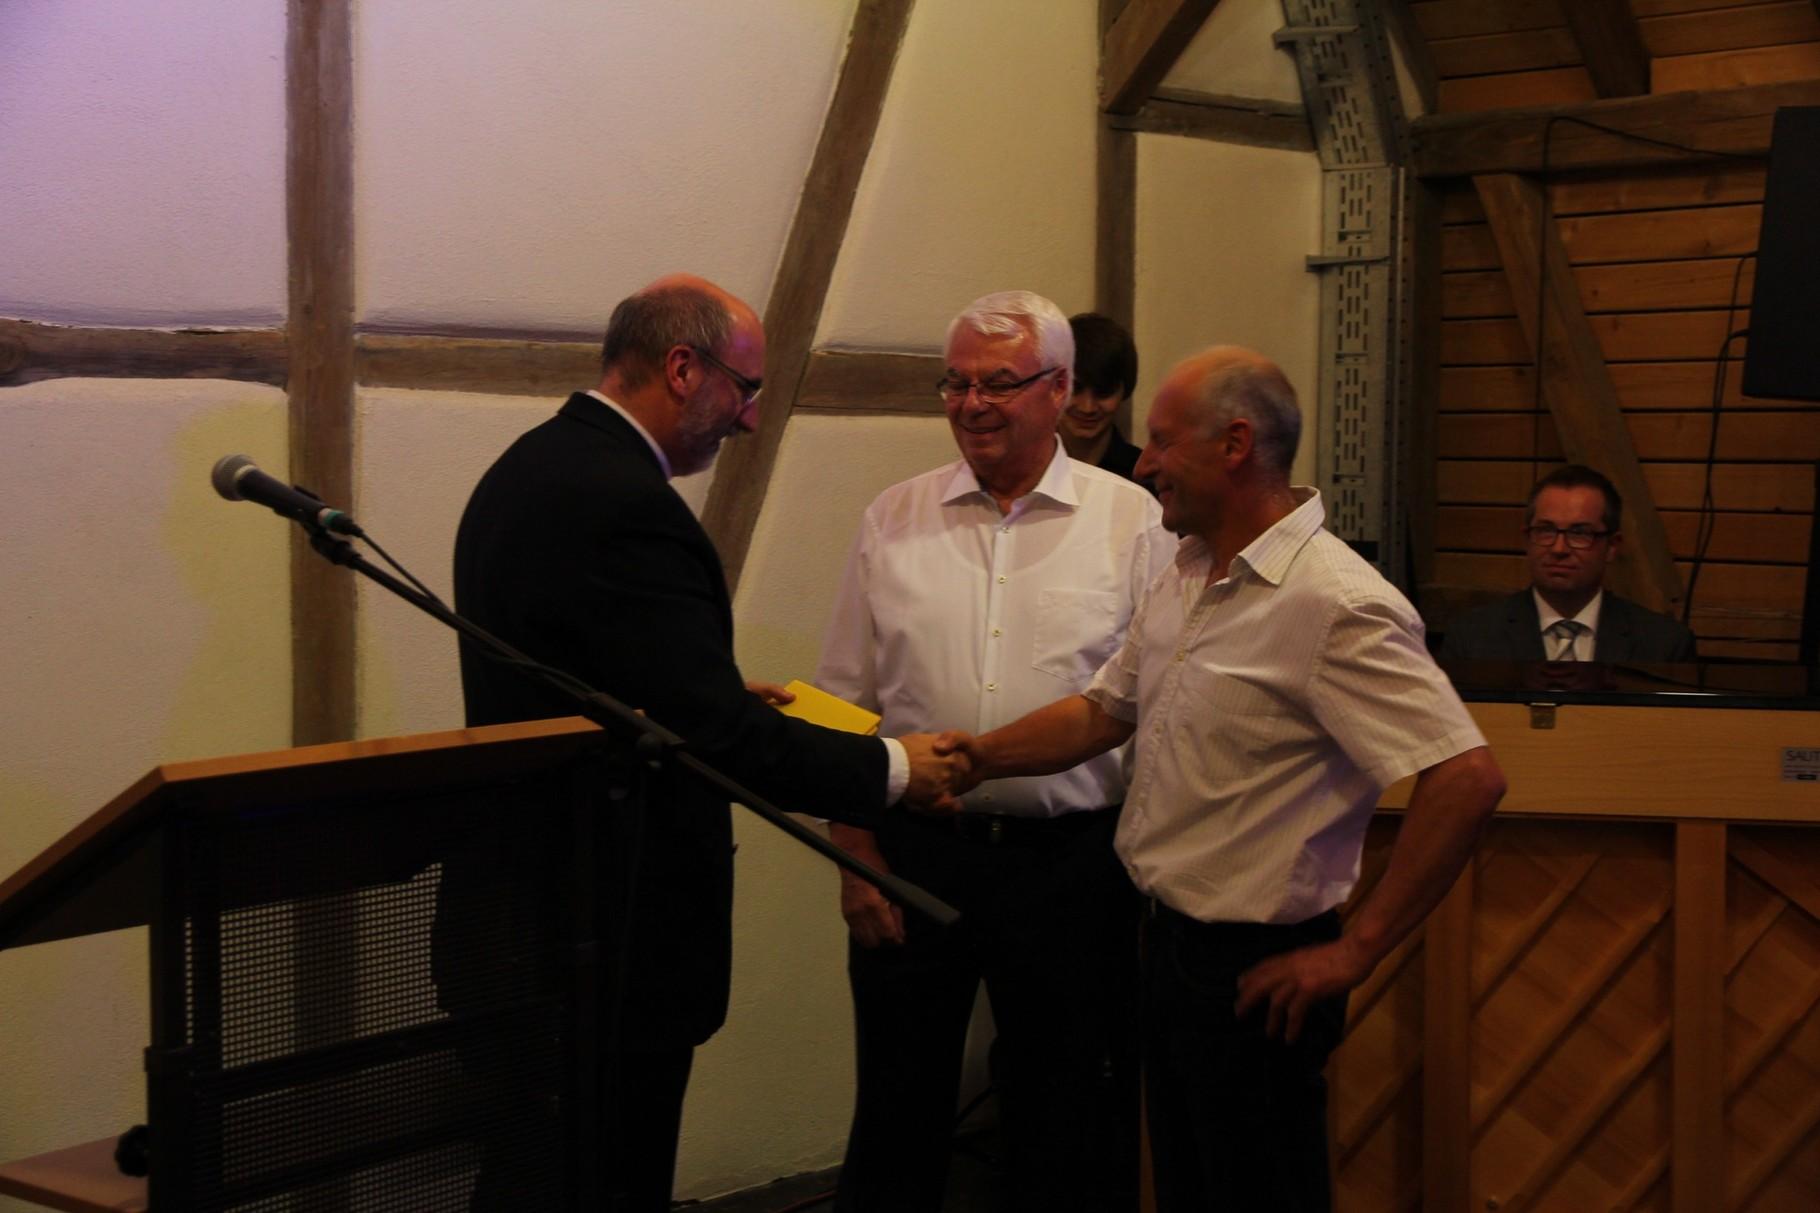 Dieter Hofmann und Wolfgang Schell erhalten ein Präsent